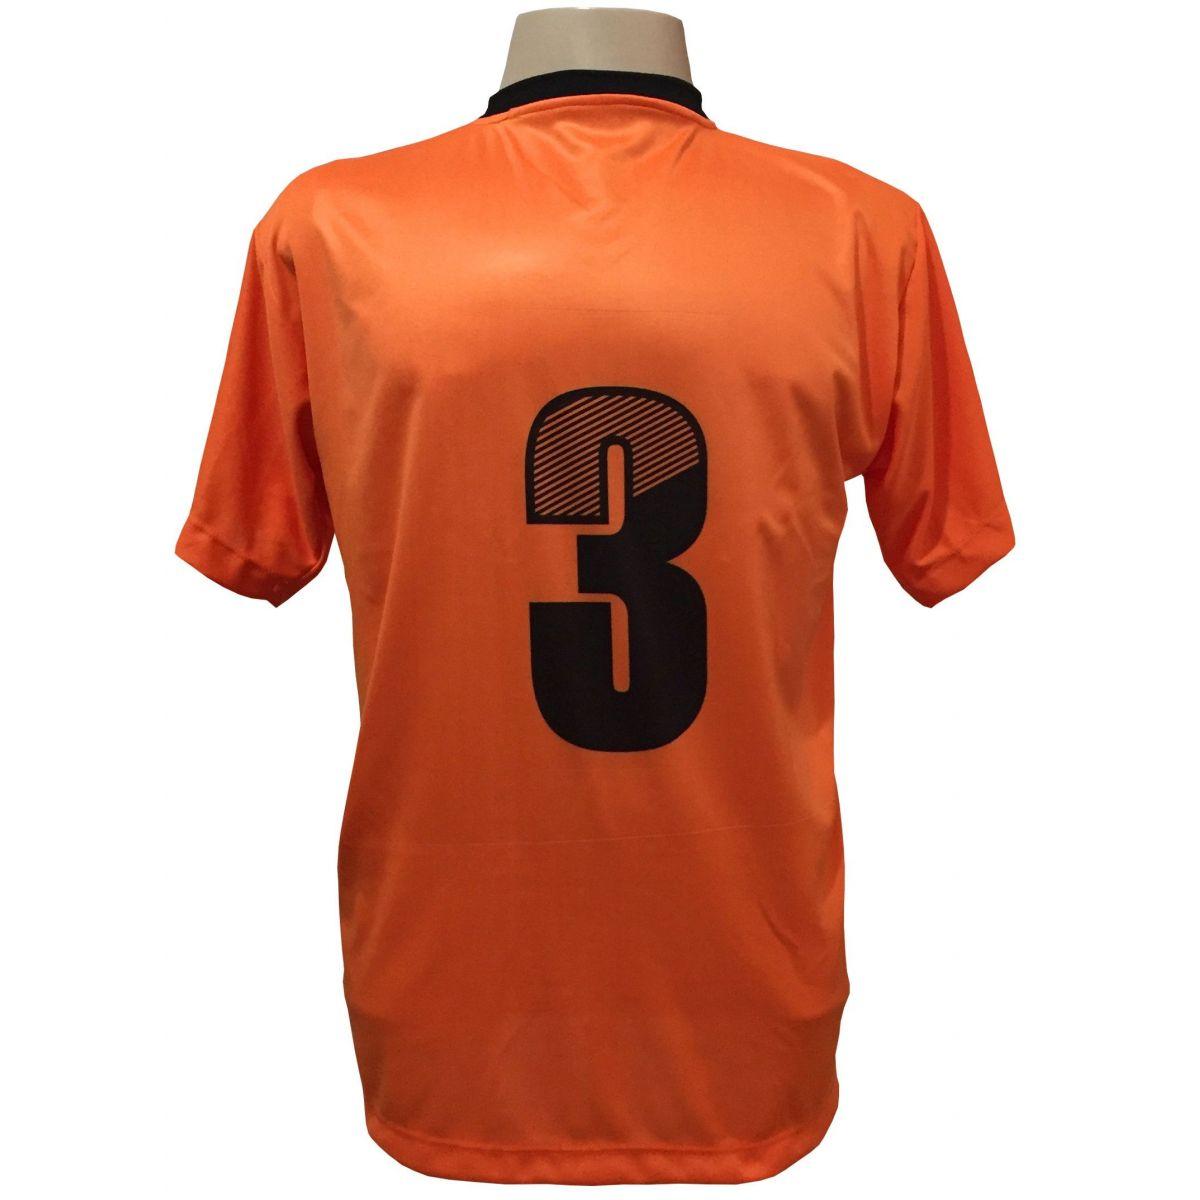 Jogo de Camisa com 20 unidades modelo Roma Laranja/Preto + Brindes